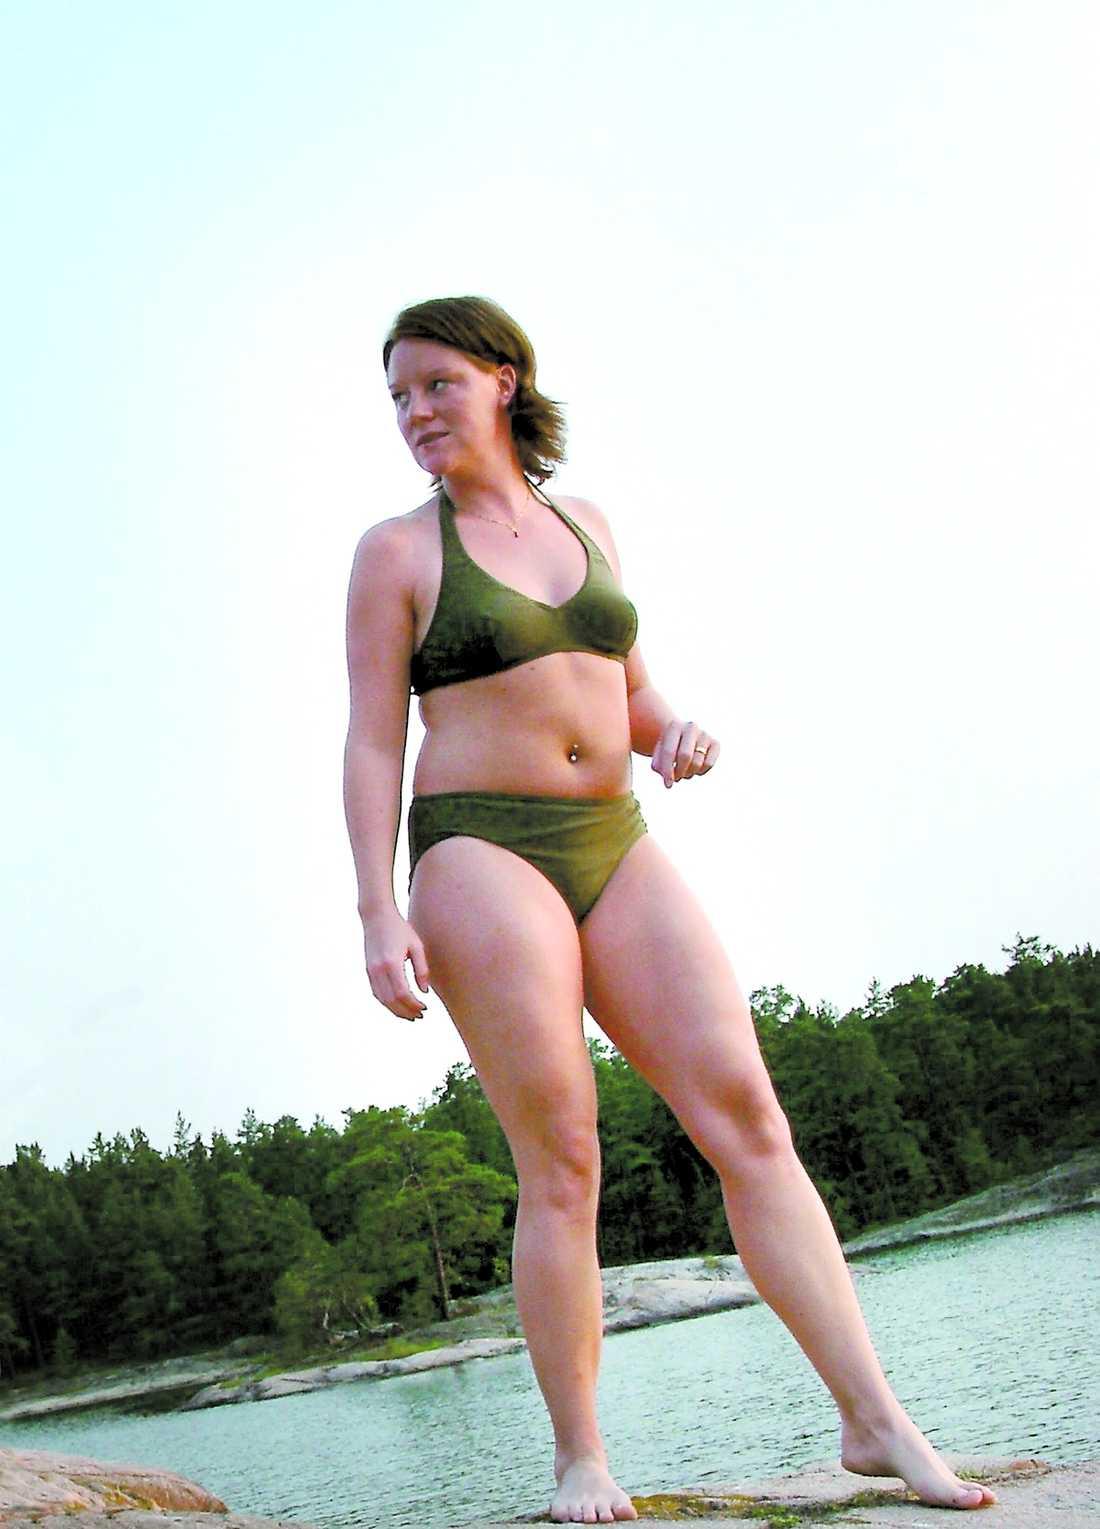 31 juli 2002 Linda, 25, riskerar dödlig bröstcancer av en ärvd gen. Räddningen är att amputera två friska bröst.